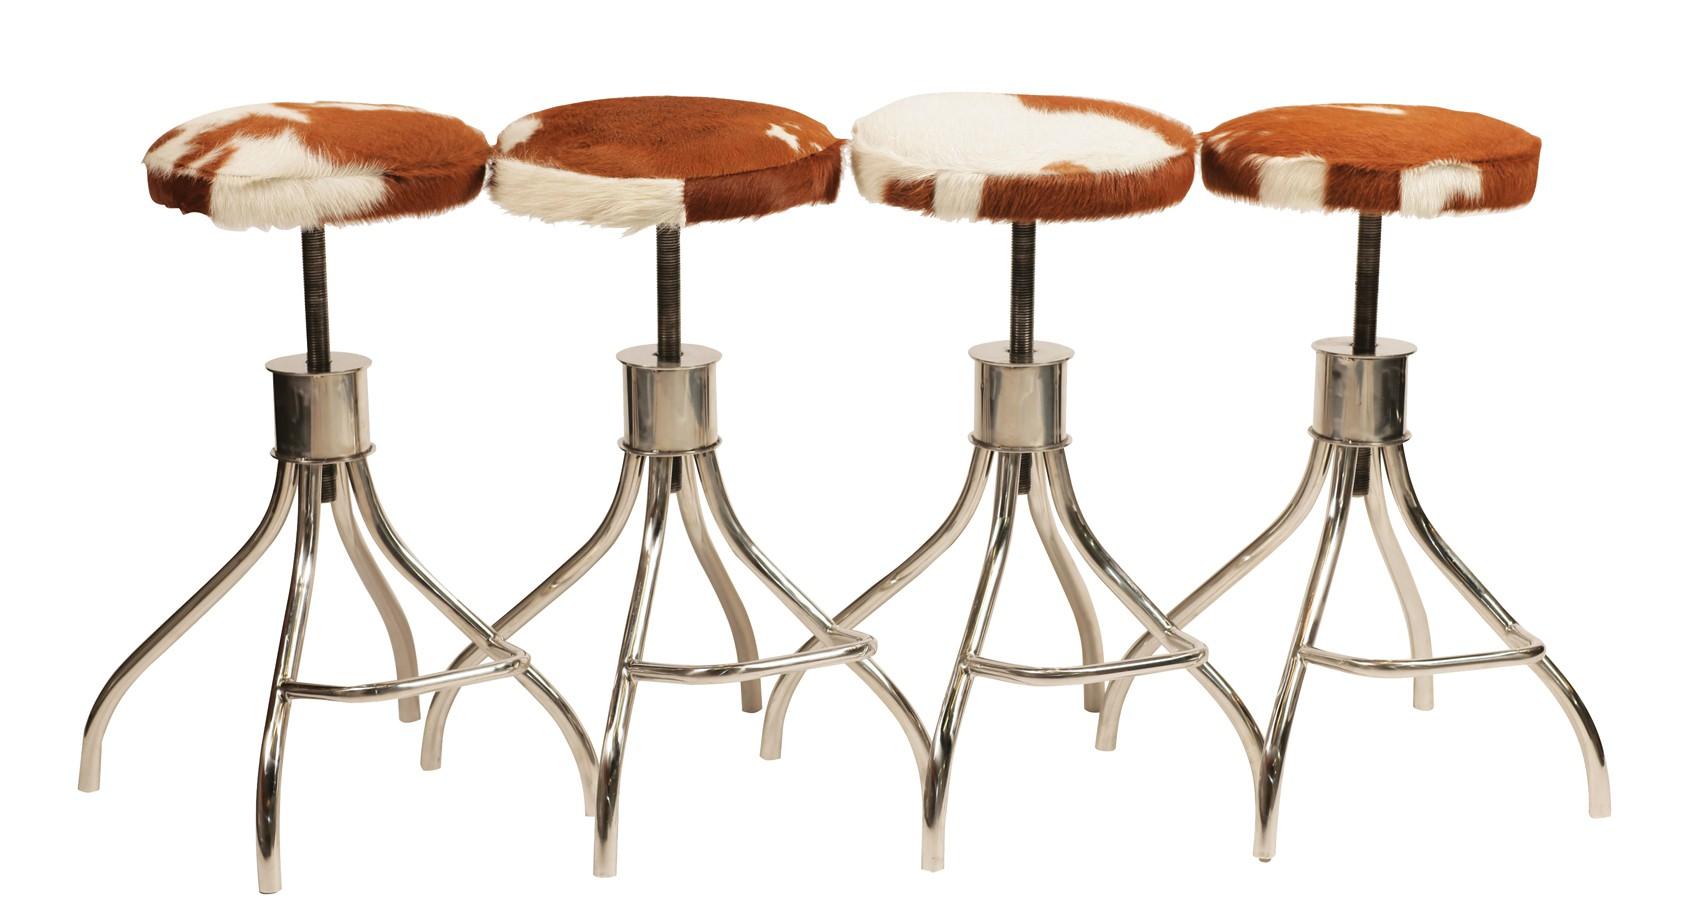 bartisch mit hocker bartisch mit hocker 40 coole ideen. Black Bedroom Furniture Sets. Home Design Ideas